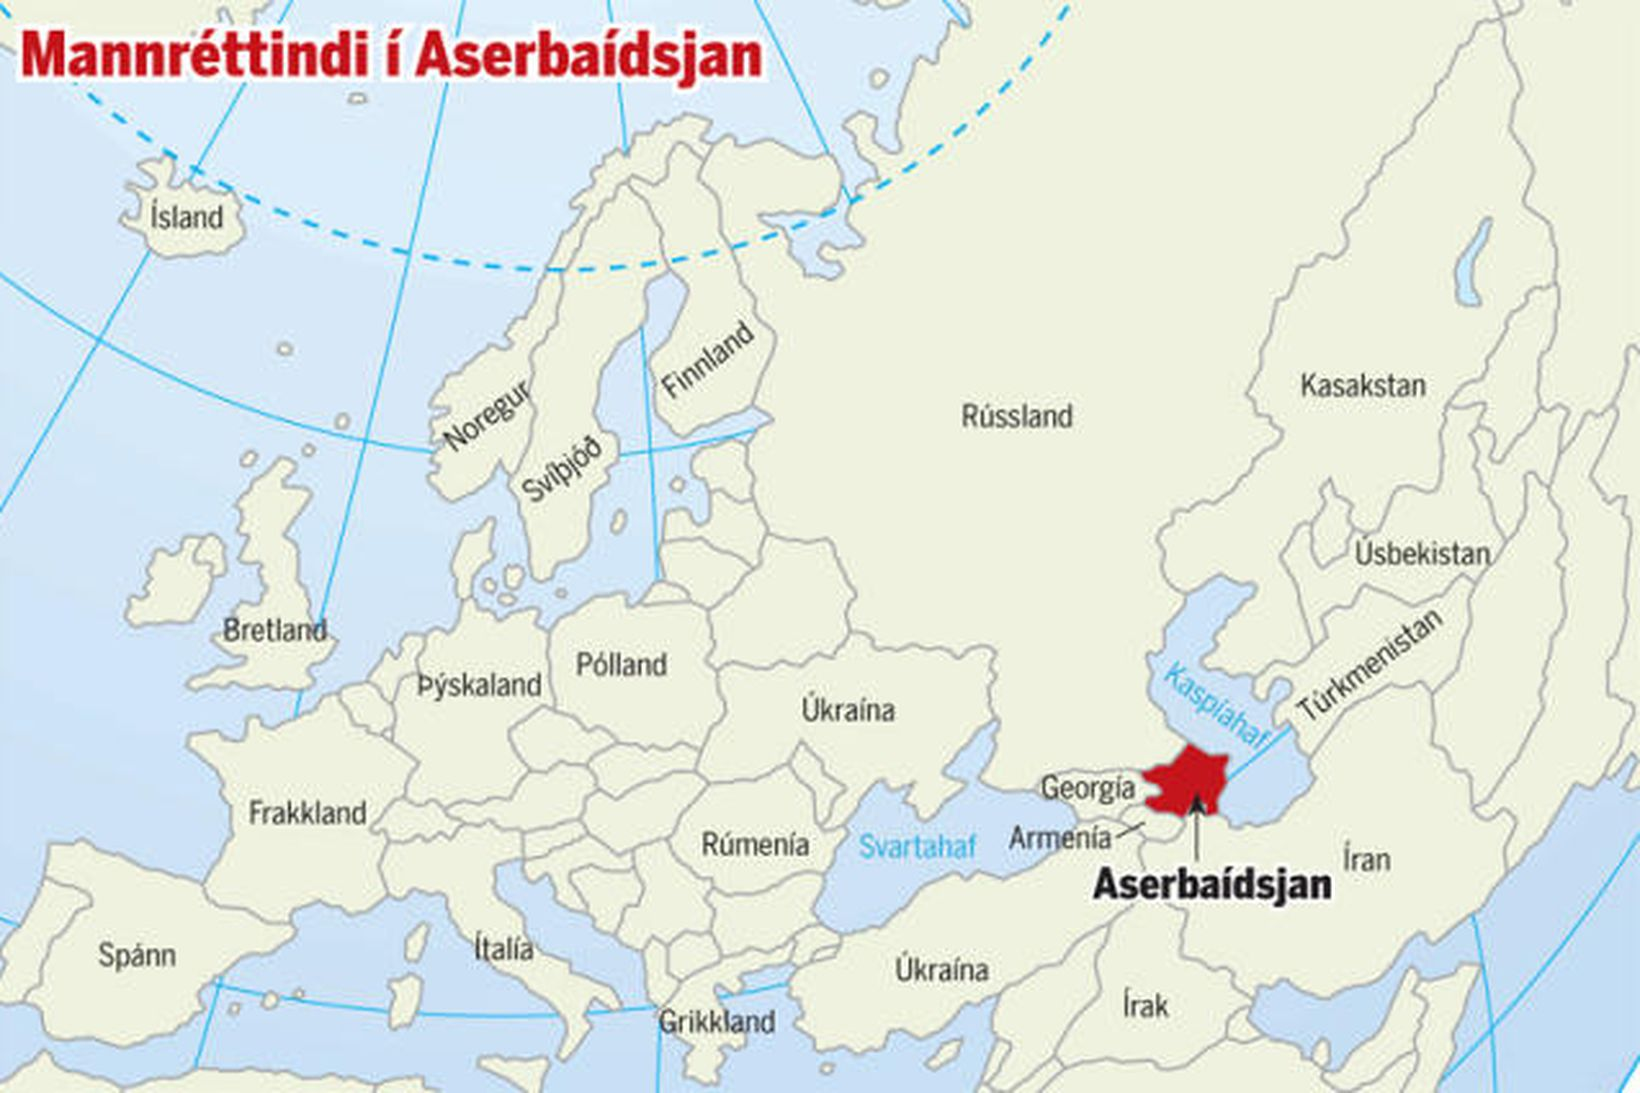 Margir hafa áhyggjur af stöðu mannréttindamála í Aserbaídsjan.